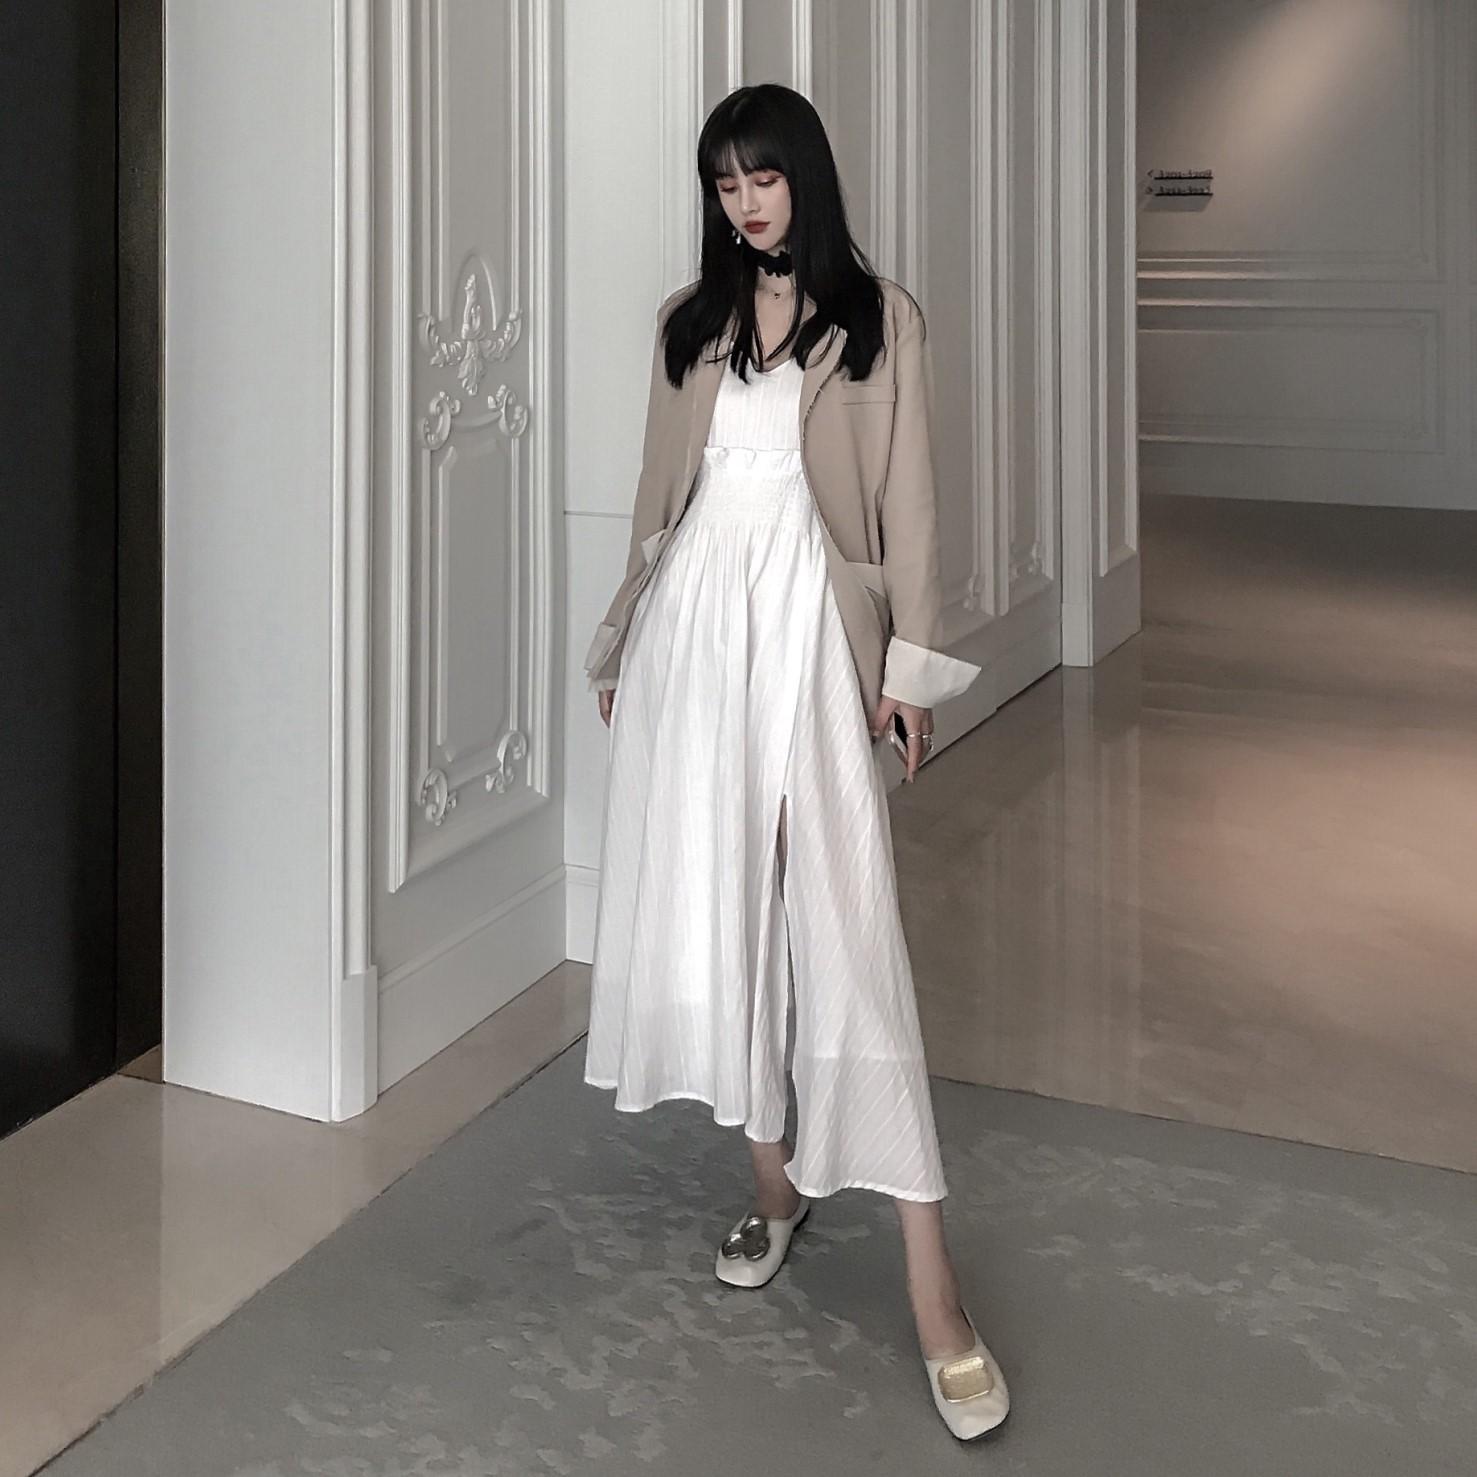 JIANGJIANG 白色大裙摆高腰吊带连衣裙大开叉小性感法式少女长裙图片